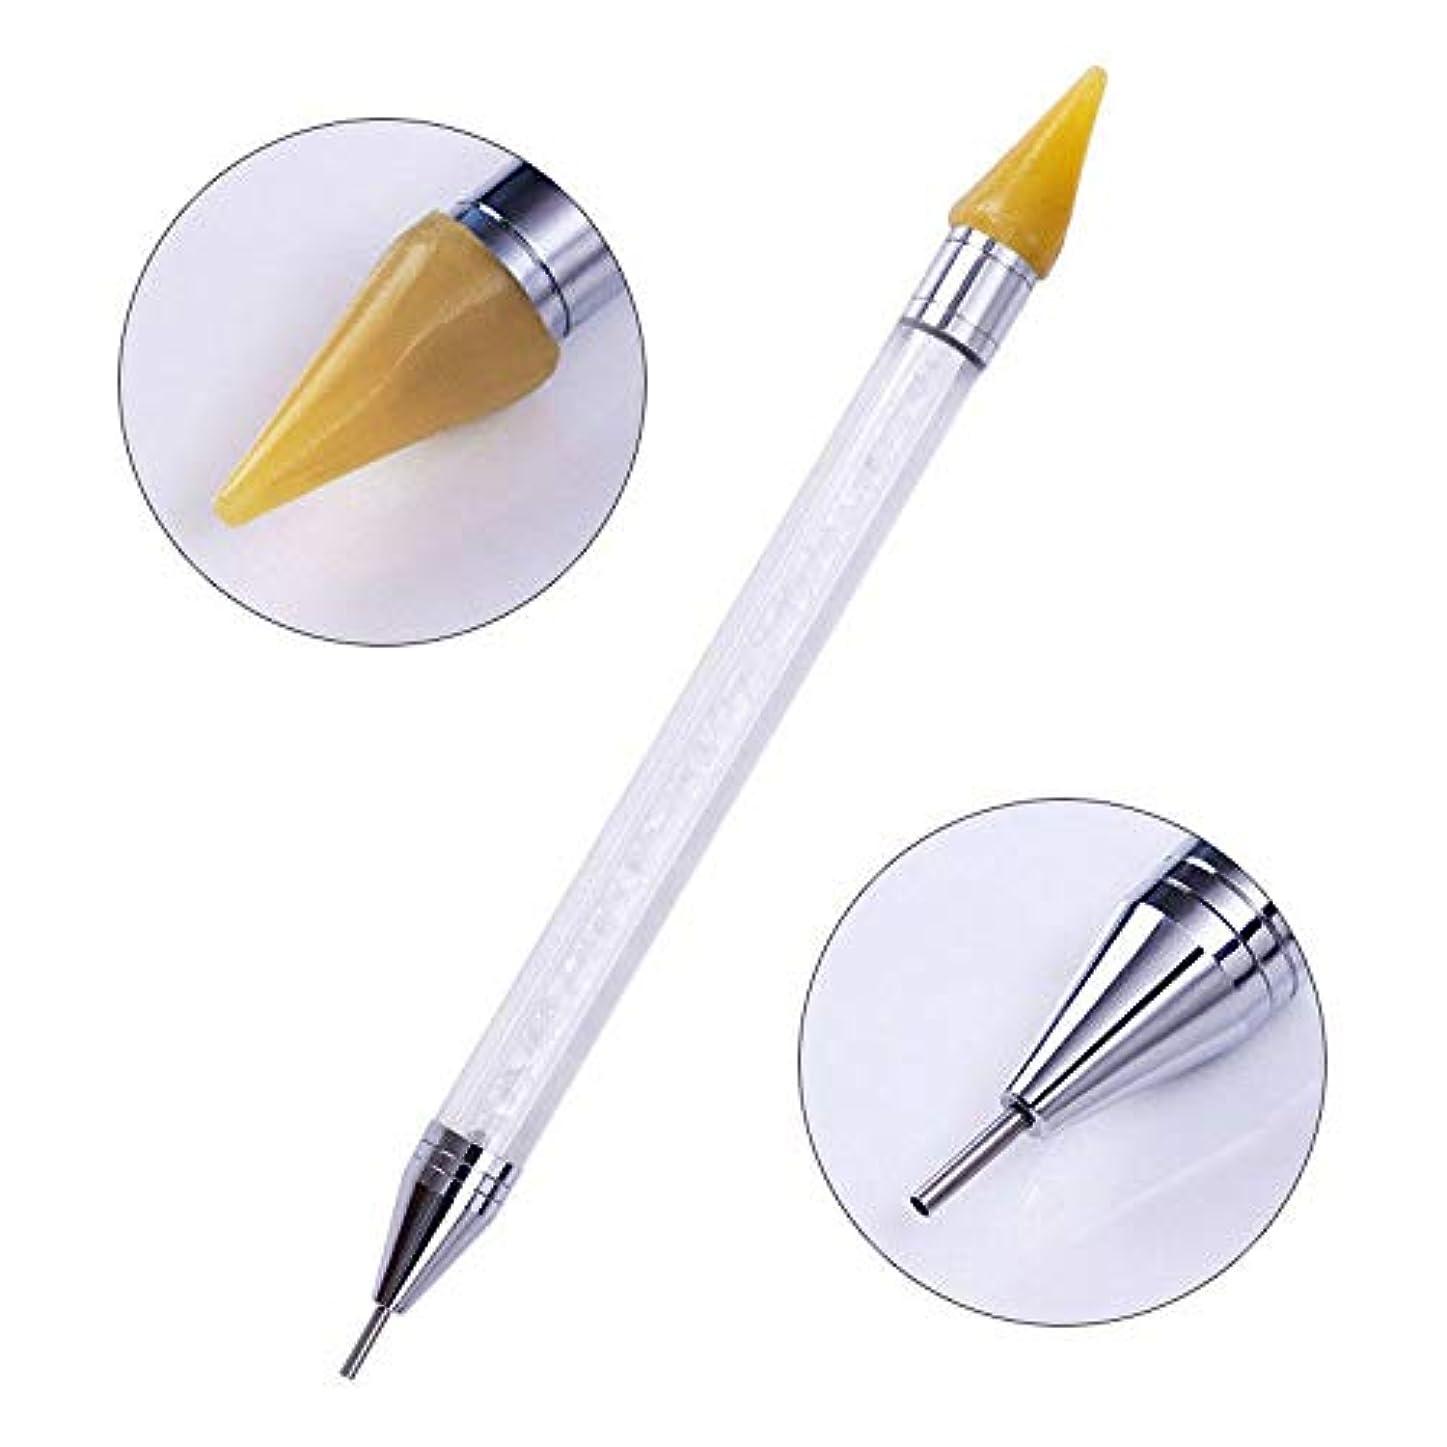 ランチ財産玉FidgetGear ネイルアートラインストーンピッカーワックス鉛筆クリスタルビーズのハンドルデュアルエンドドットペン